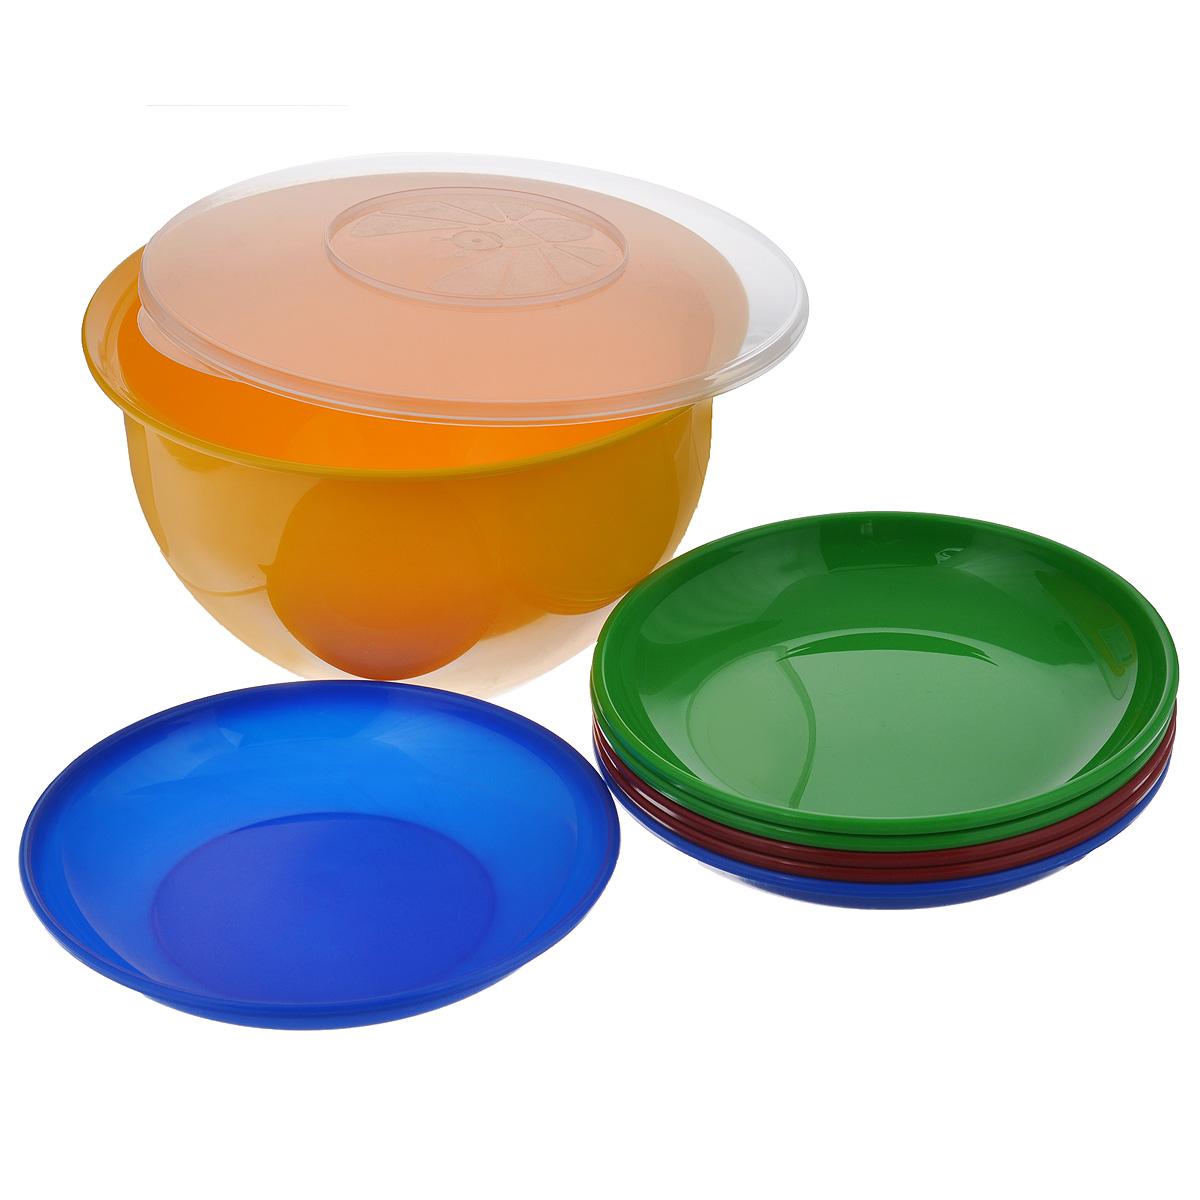 Набор посуды Solaris, 7 предметов. S16054112.000В состав набора Solaris входит 6 тарелок и большая миска с герметичной крышкой. Большую миску можно использовать как пищевой контейнер, для приготовления салата, мариновки шашлыка и т.п.Свойства посуды:Посуда из ударопрочного пищевого полипропилена предназначена для многократного использования. Легкая, прочная и износостойкая, экологически чистая, эта посуда работает в диапазоне температур от -25°С до +110°С. Можно мыть в посудомоечной машине. Эта посуда также обеспечивает:Хранение горячих и холодных пищевых продуктов;Разогрев продуктов в микроволновой печи;Приготовление пищи в микроволновой печи на пару (пароварка);Хранение продуктов в холодильной и морозильной камере;Кипячение воды с помощью электрокипятильника.Объем миски: 3 л.Диаметр миски: 22,5 см.Высота миски: 12,7 см.Диаметр тарелок: 19 см.Высота тарелок: 3 см.